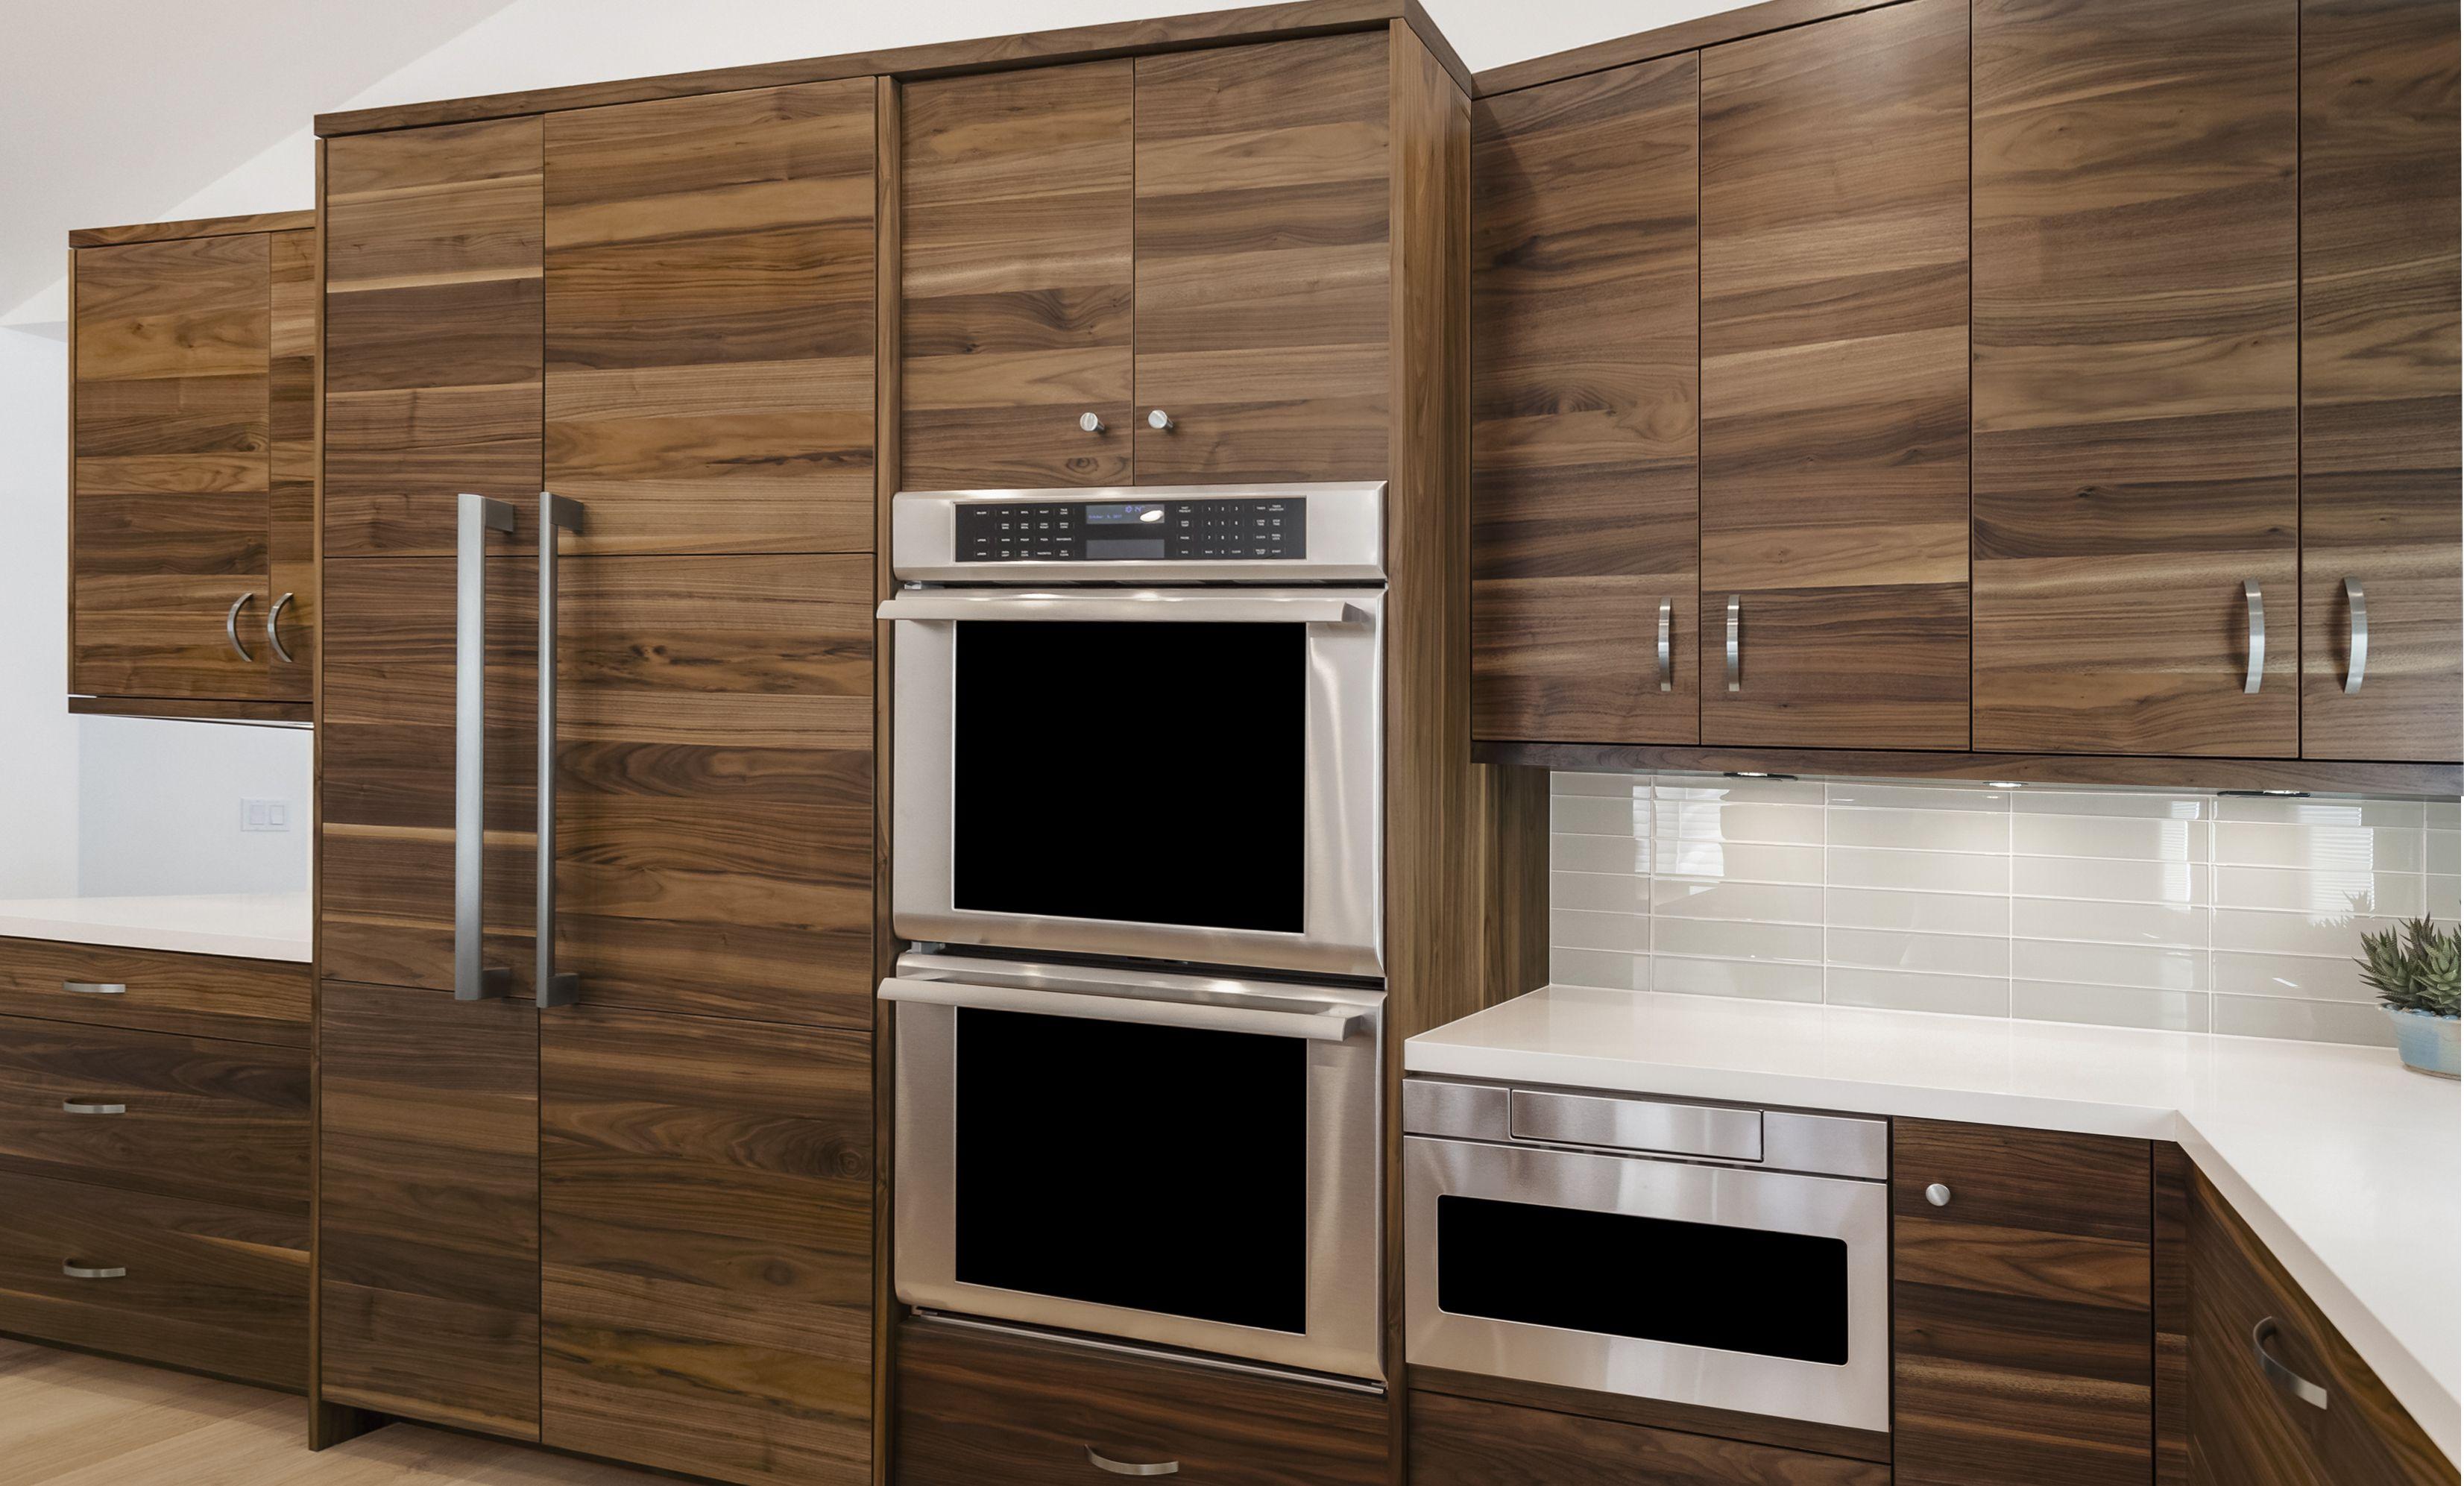 Modern Kitchen Cabinets Taurus Dewils Custom Cabinetry In 2020 Wood Kitchen Cabinets Modern Wood Kitchen Wood Kitchen